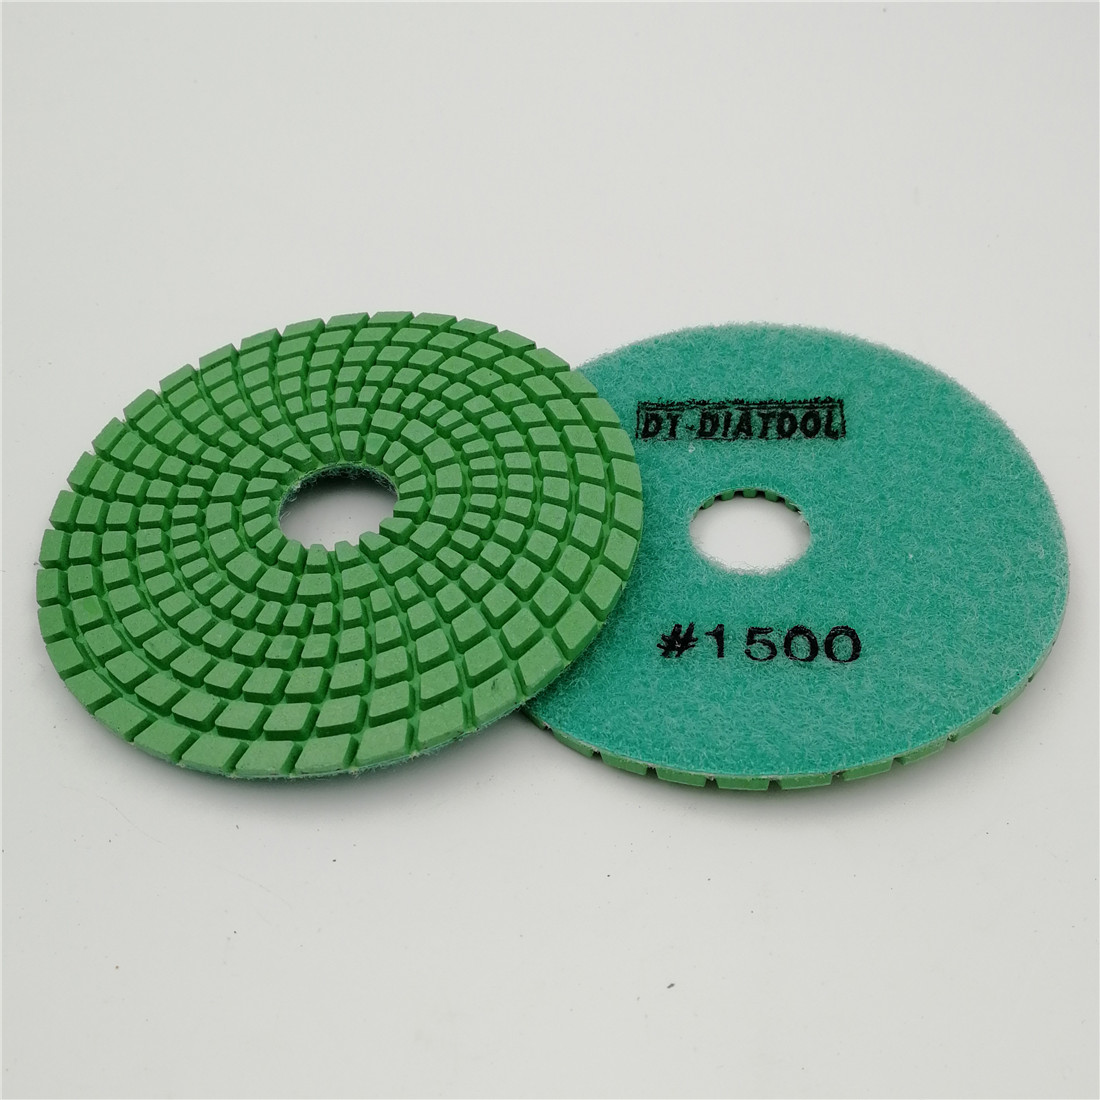 Discos de Resina Suavização de Diâmetro Milímetros de Moagem Dt-diatool Unidades Terrazzo Polimento Disco 1500 Lixar Durável 100 Discos 10 4